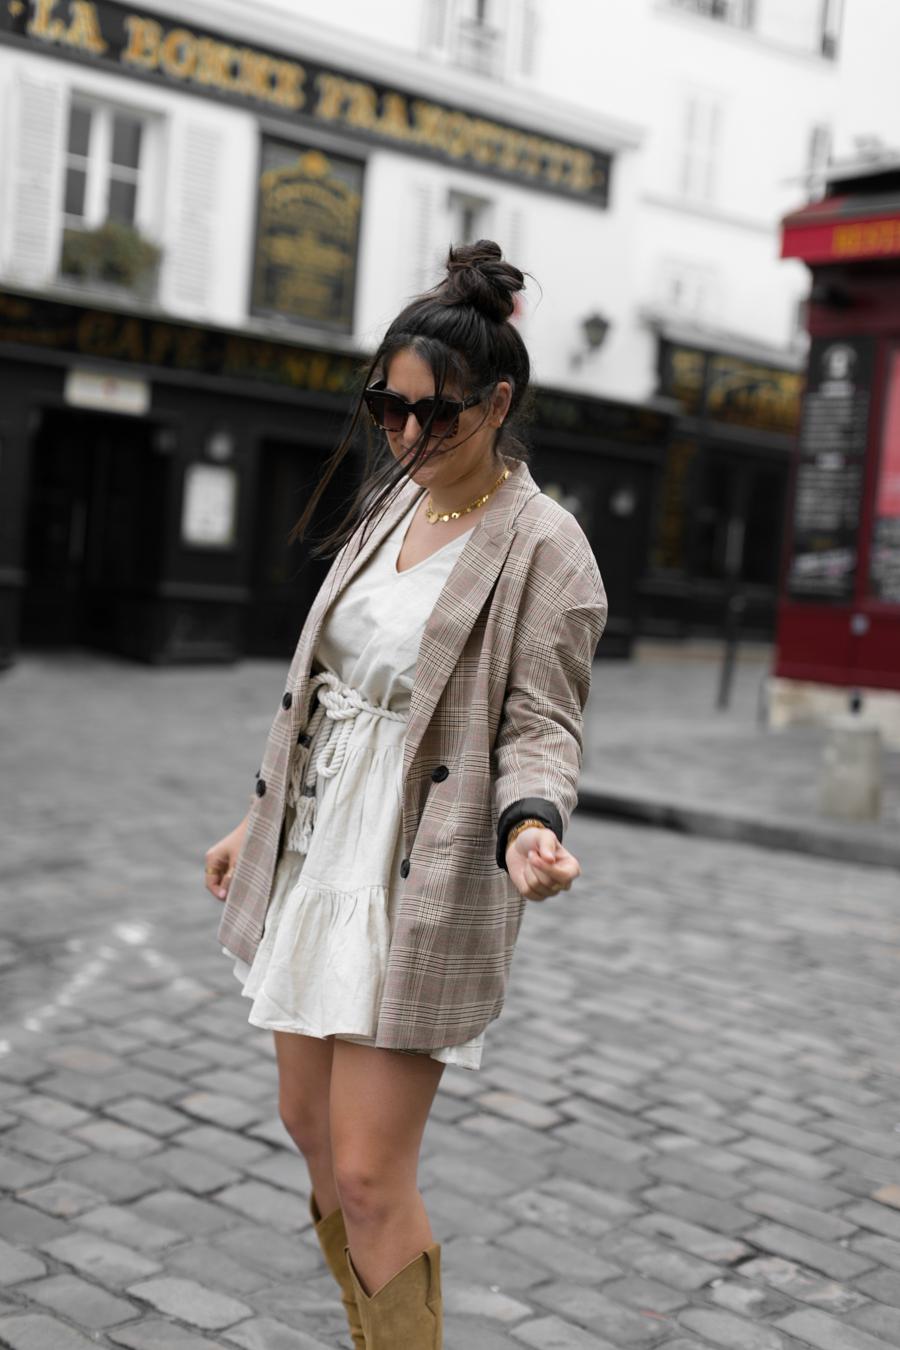 tendance-beige-blanc-mode-meganvlt-5